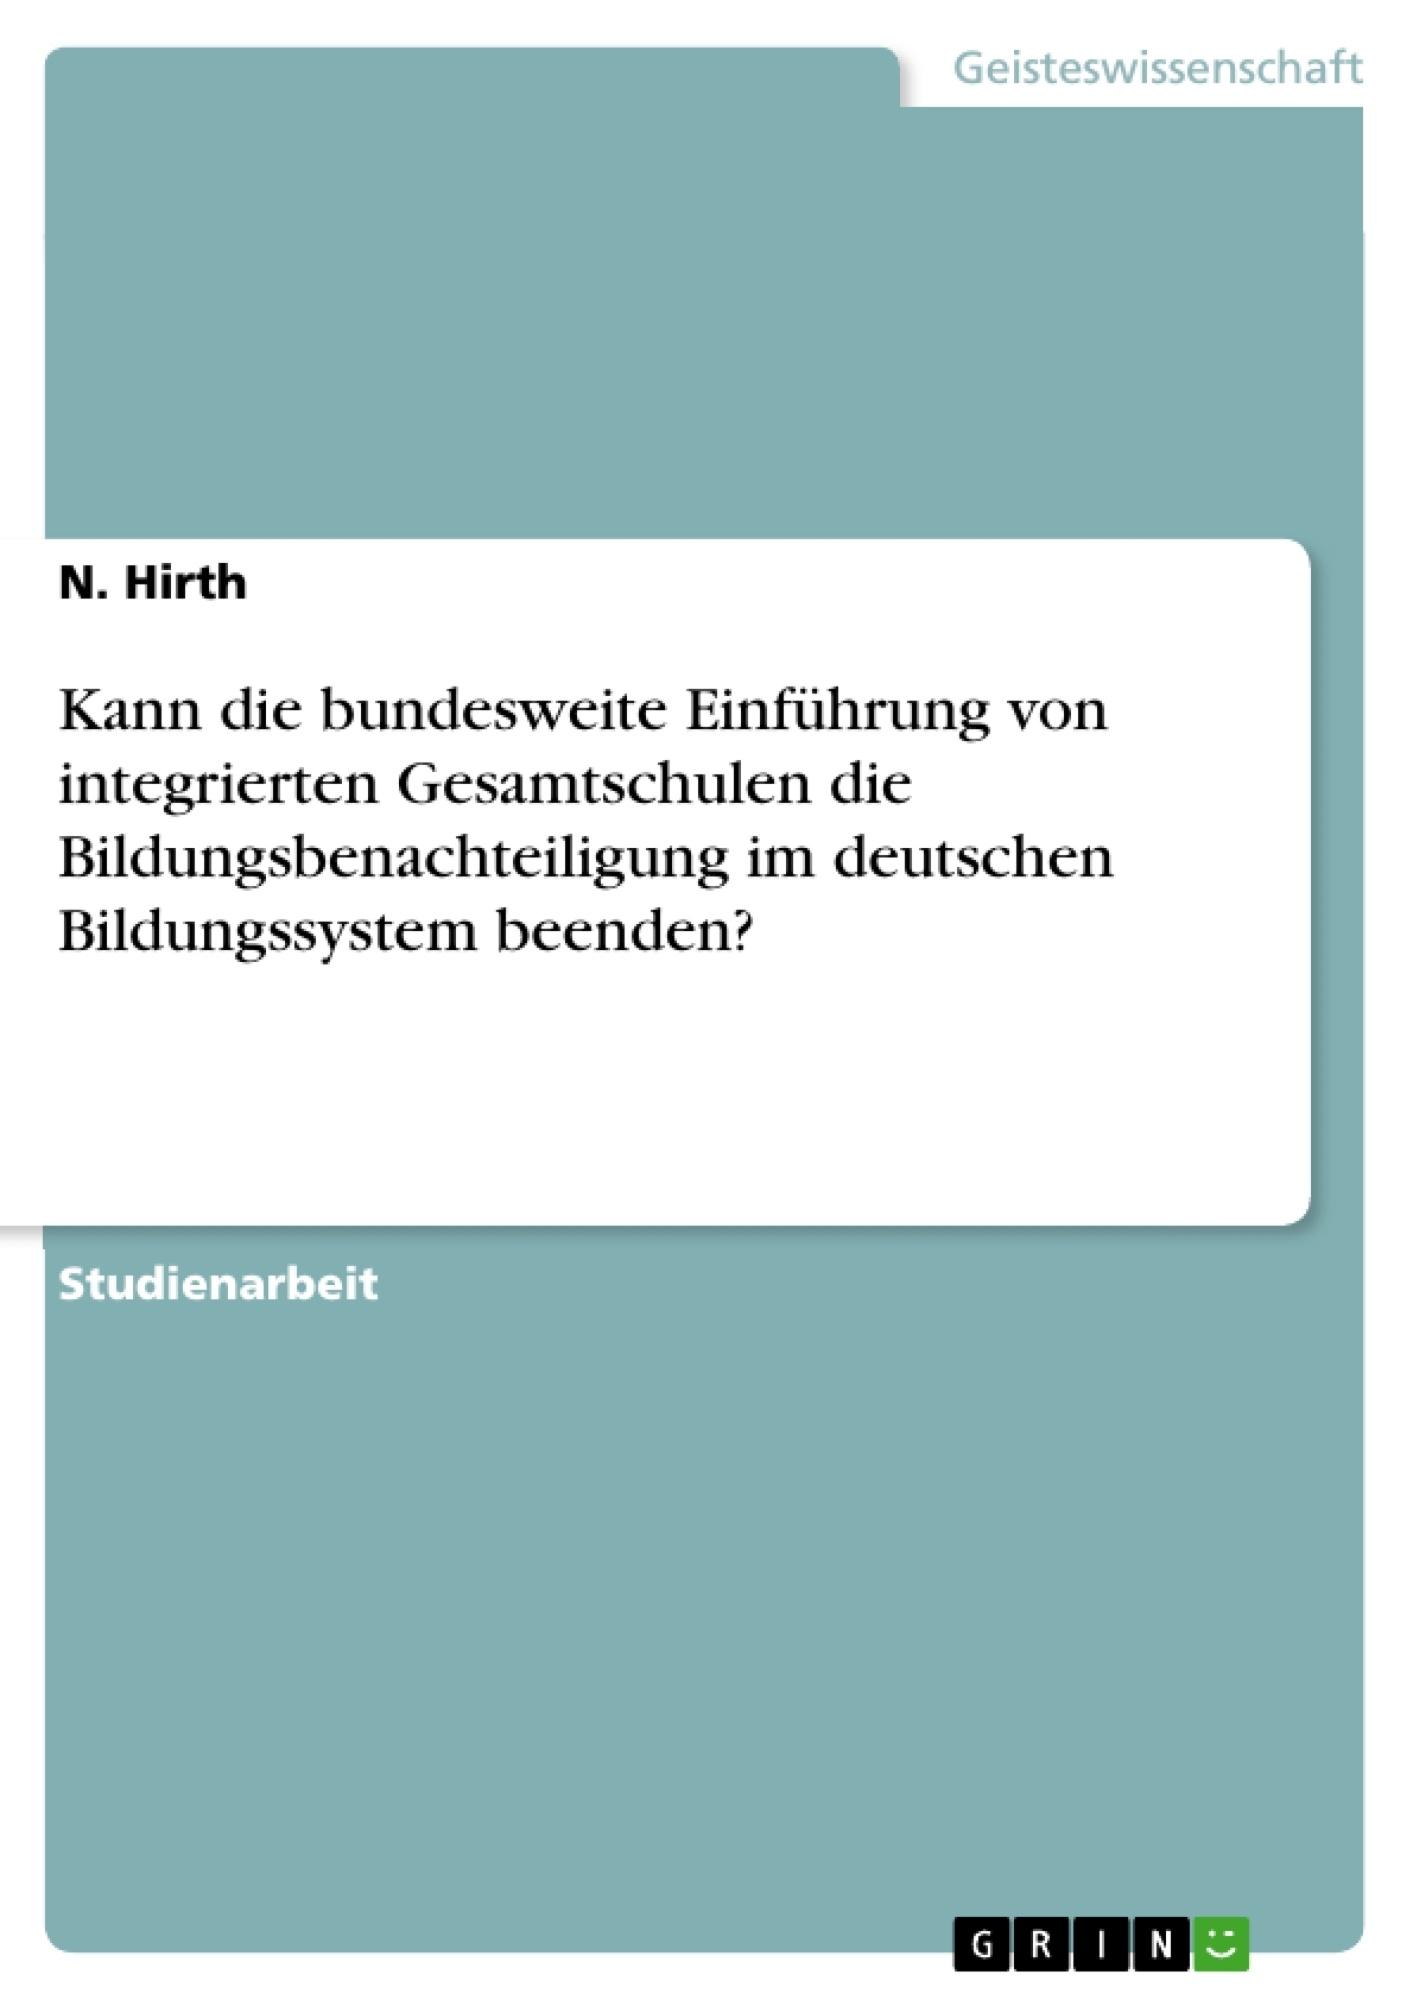 Titel: Kann die bundesweite Einführung von integrierten Gesamtschulen die Bildungsbenachteiligung im deutschen Bildungssystem beenden?